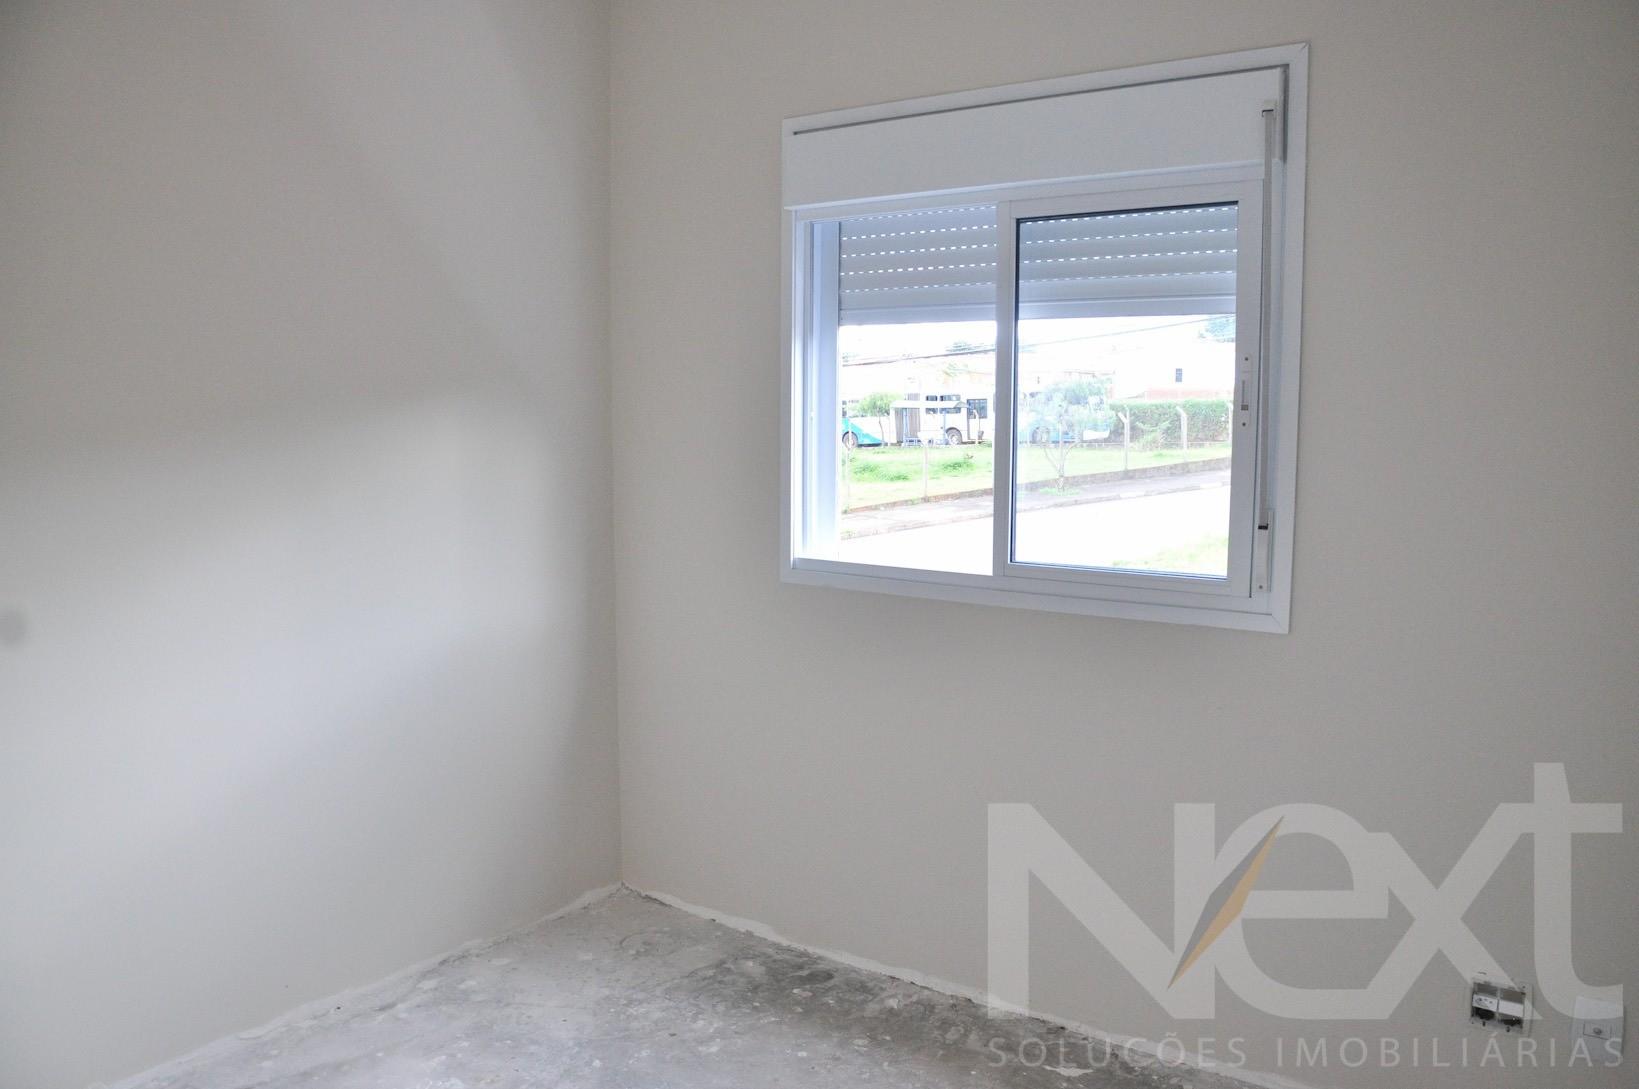 Condomínio de 3 dormitórios à venda em Taquaral, Campinas - SP